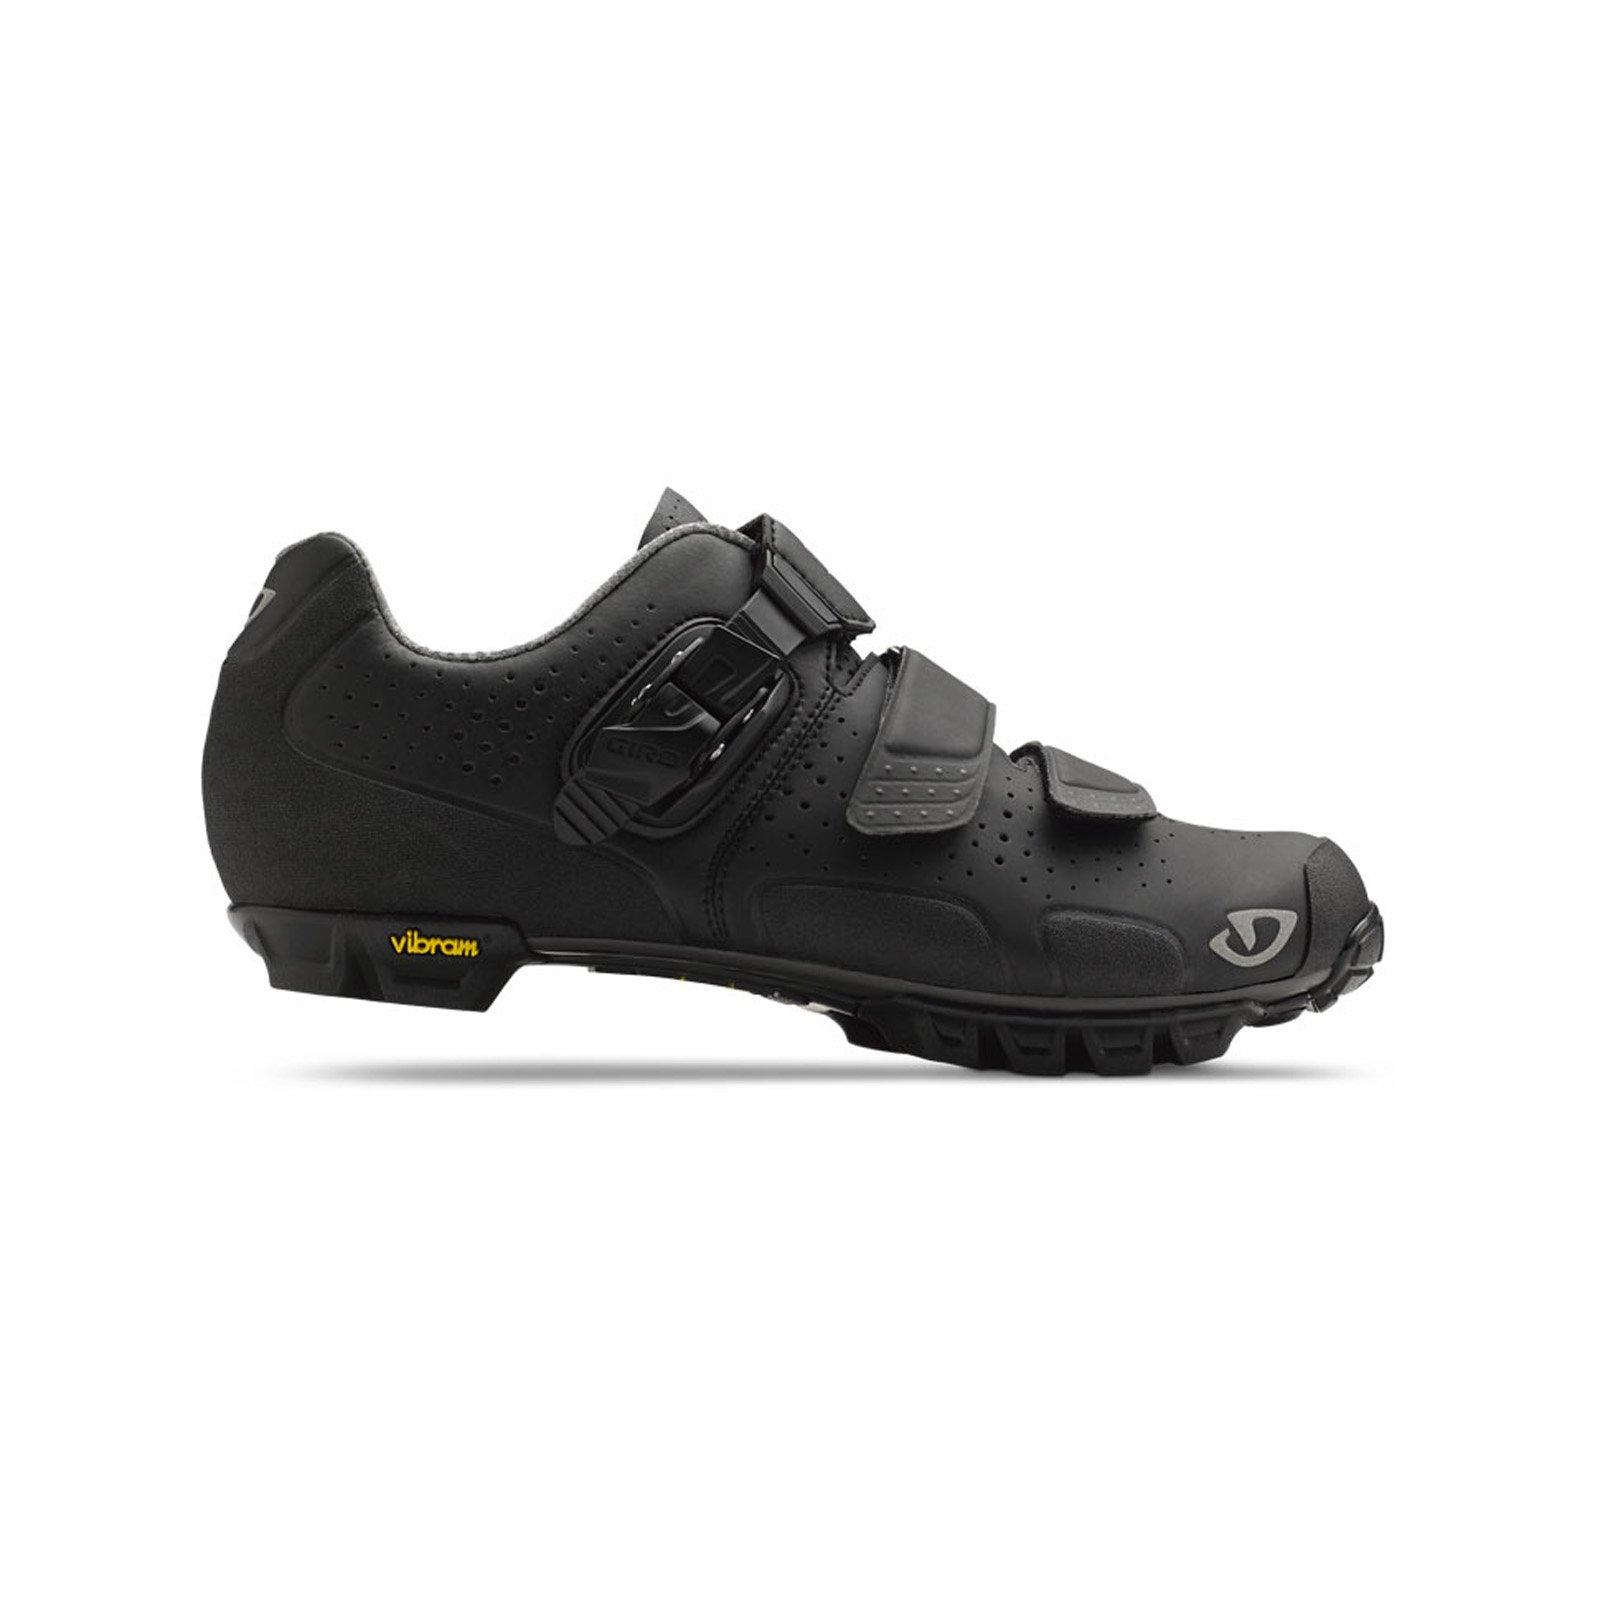 Giro SICA VR70 Cycling Shoe - Women's Matte Black, 41.5 by Giro